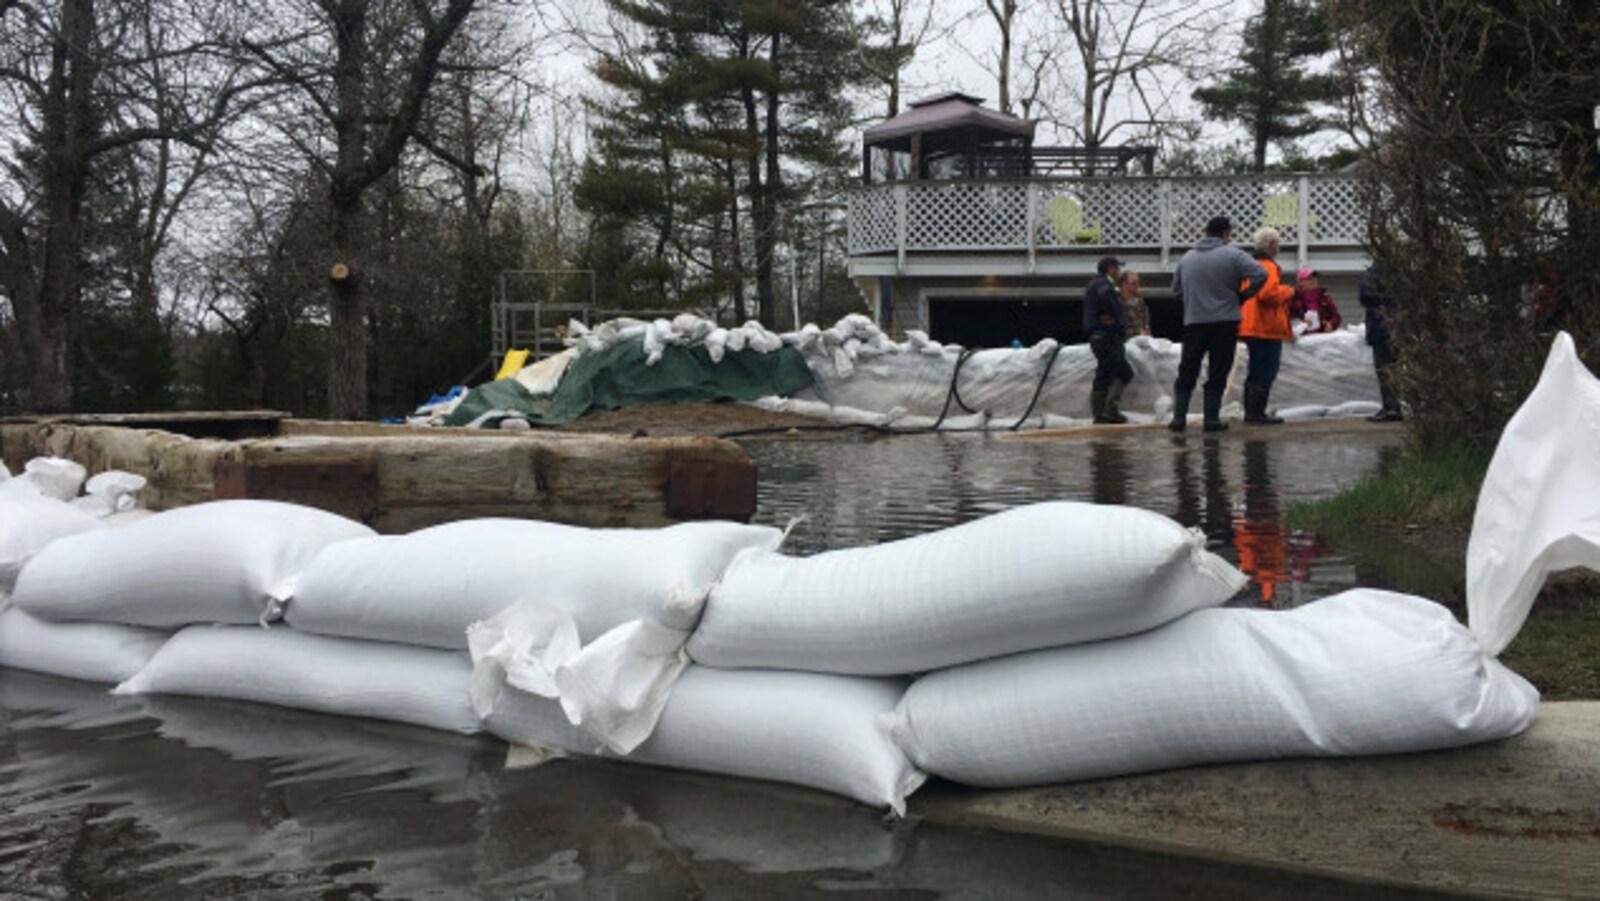 Plusieurs résidents tentent de limiter les dégâts avec des sacs de sable au printemps 2018, comme ces citoyens de Saint-Jean, au Nouveau-Brunswick.